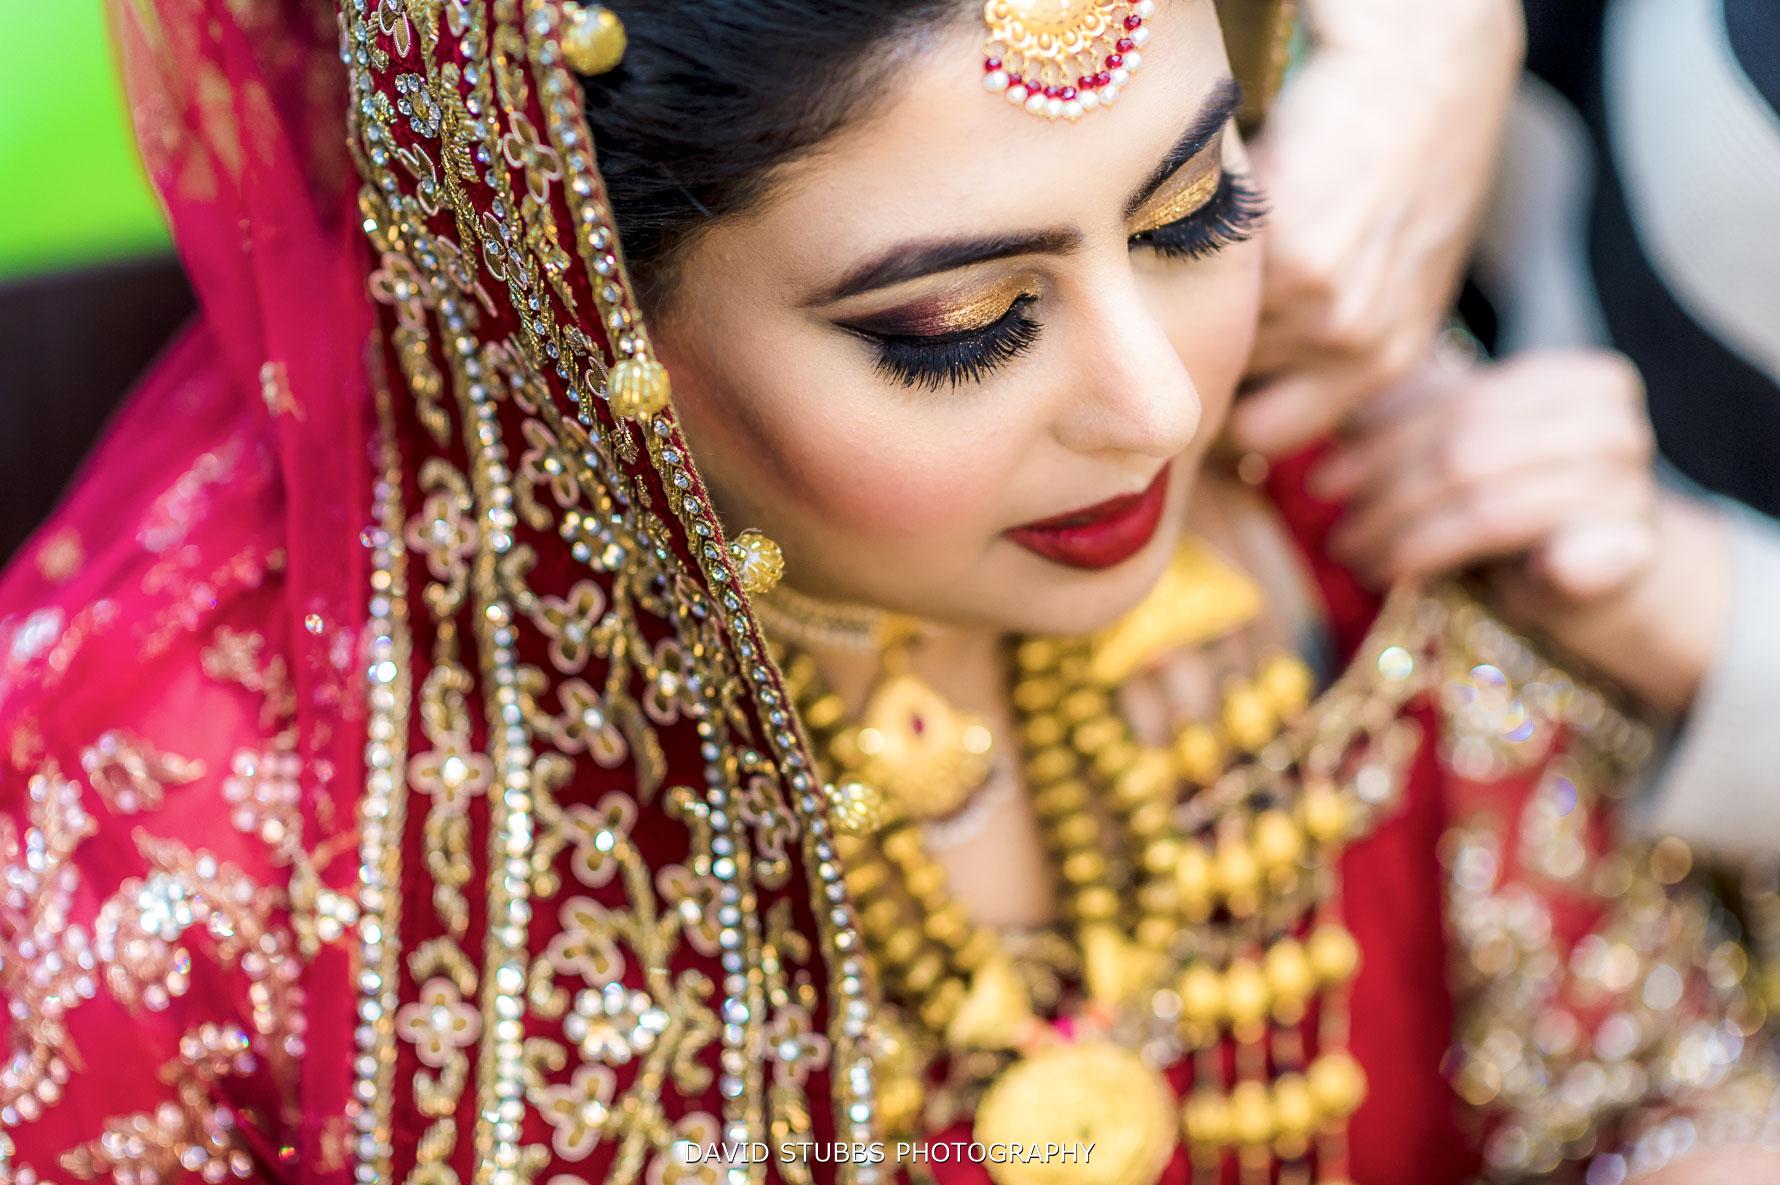 bride looking great in her wedding dress